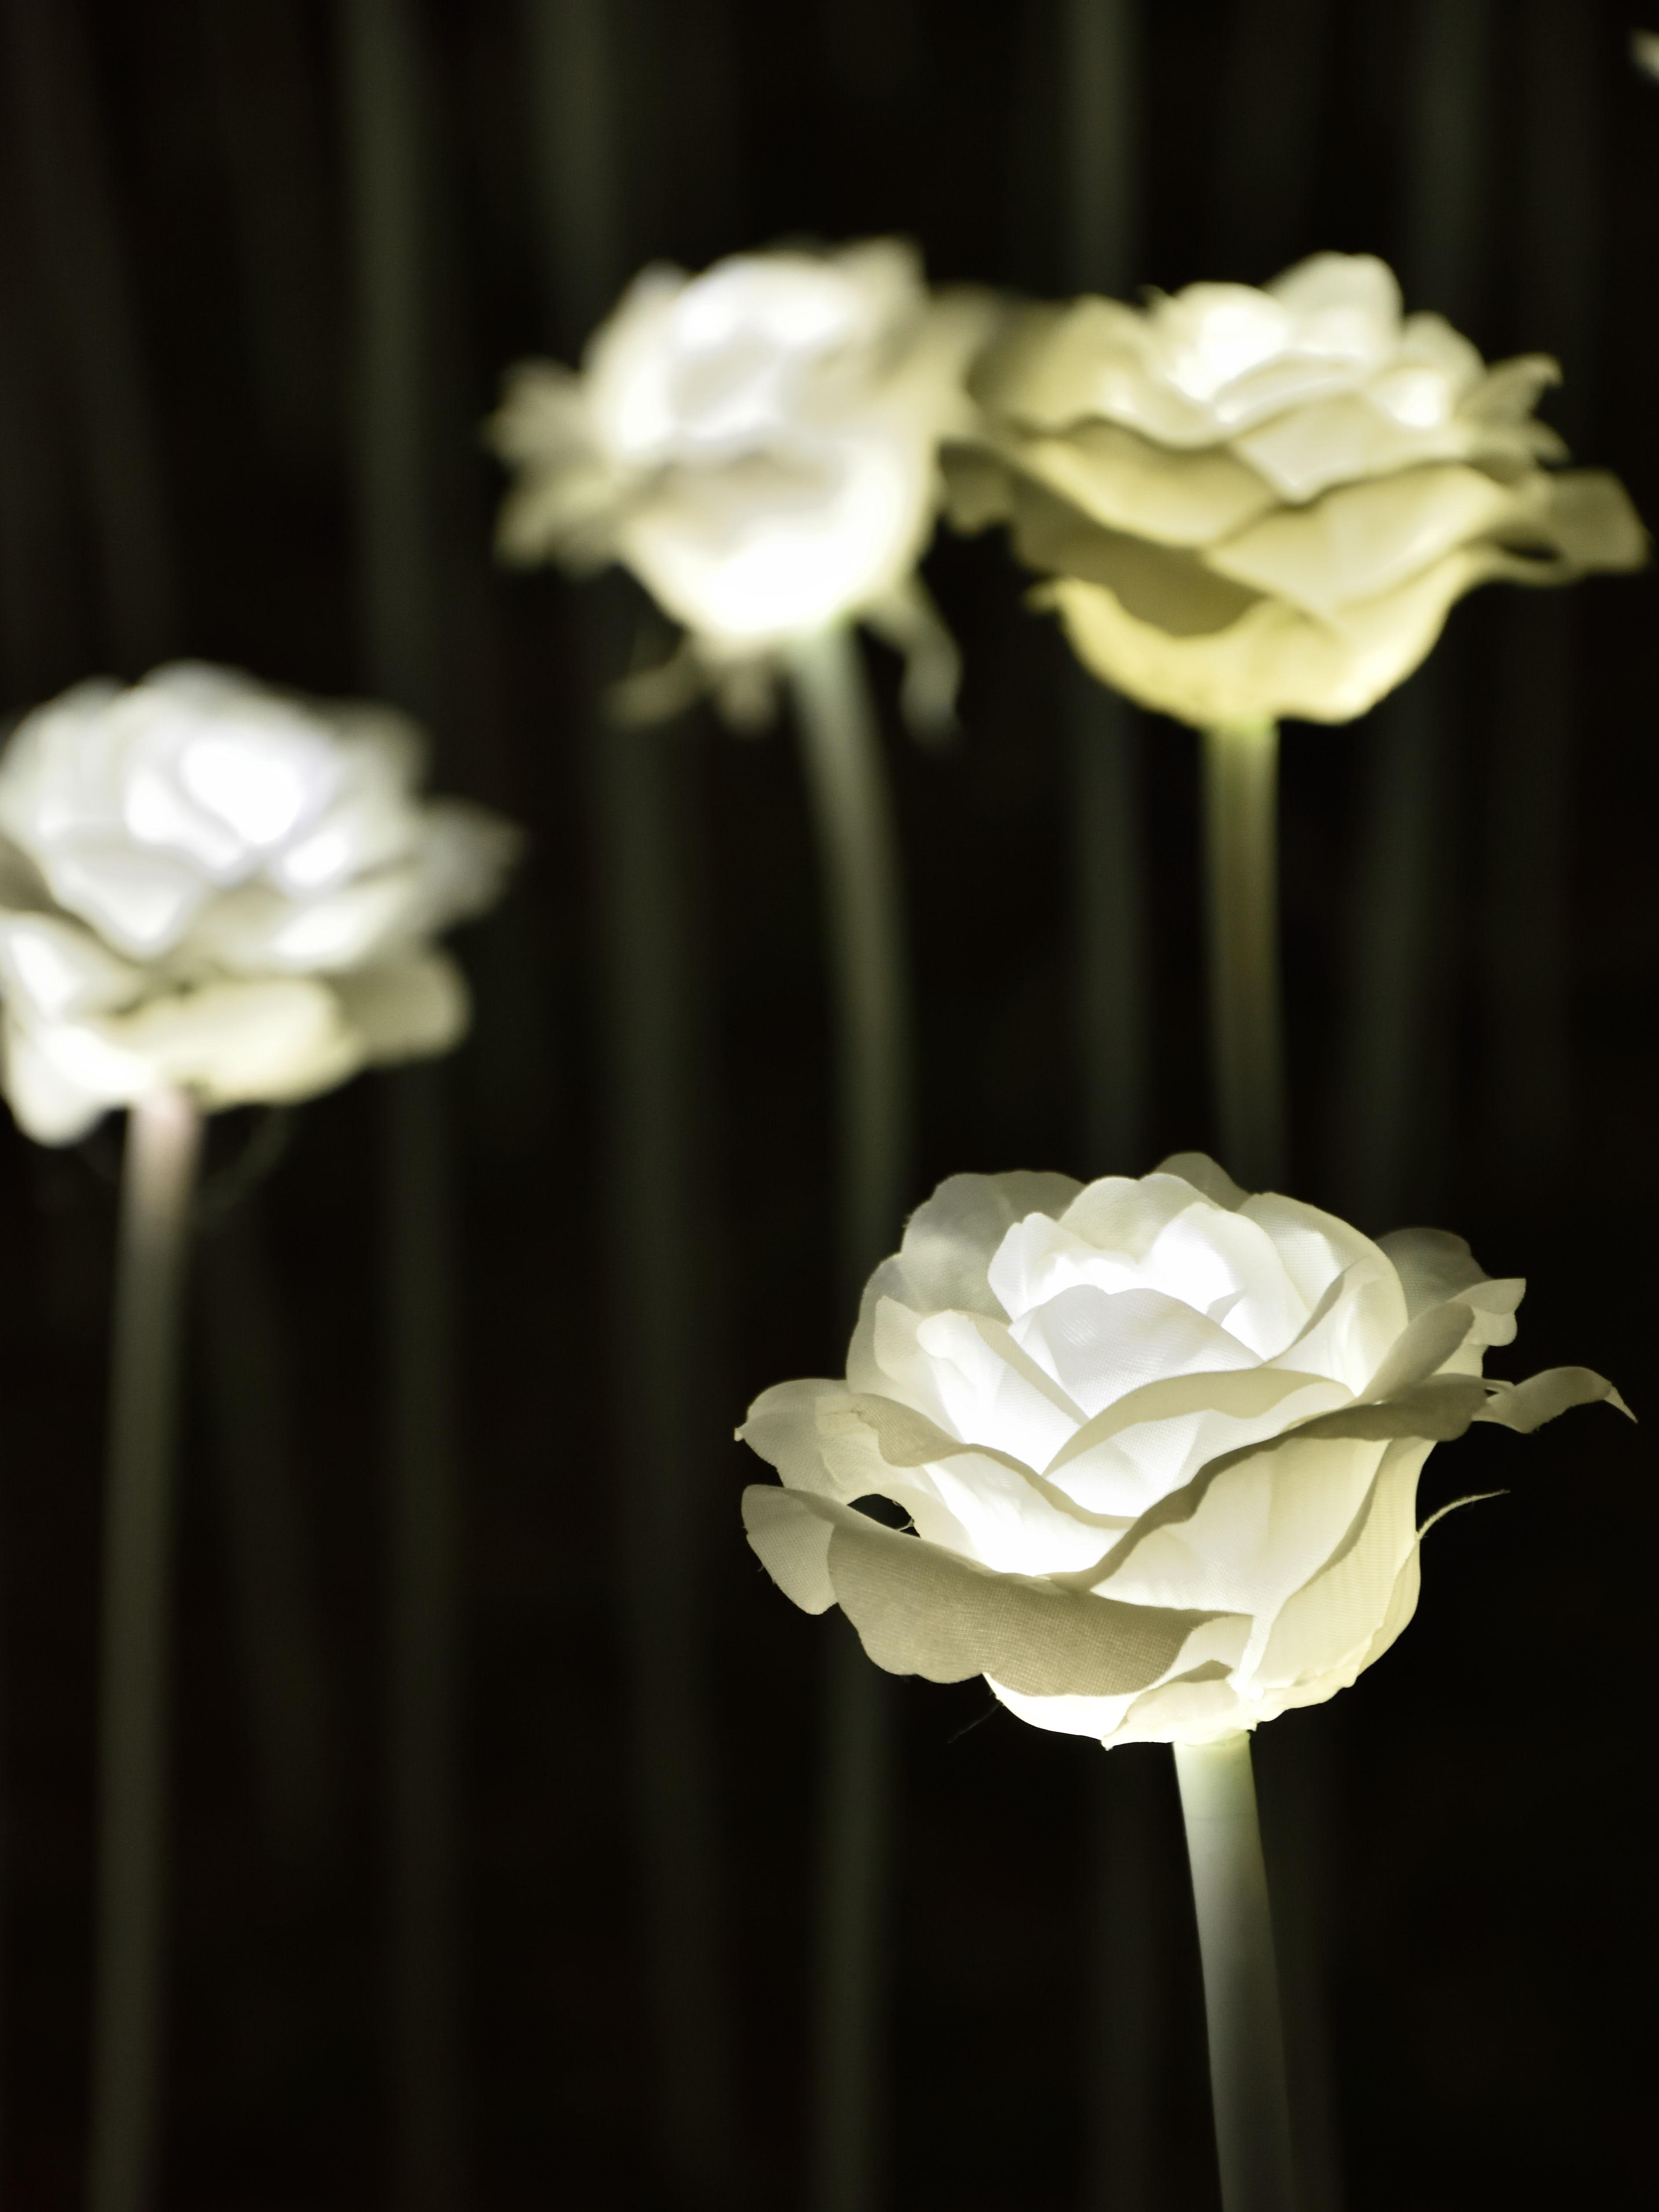 バレンタインデーの日に、香港に咲いた25,000本の「白いバラ」にうっとり・・・